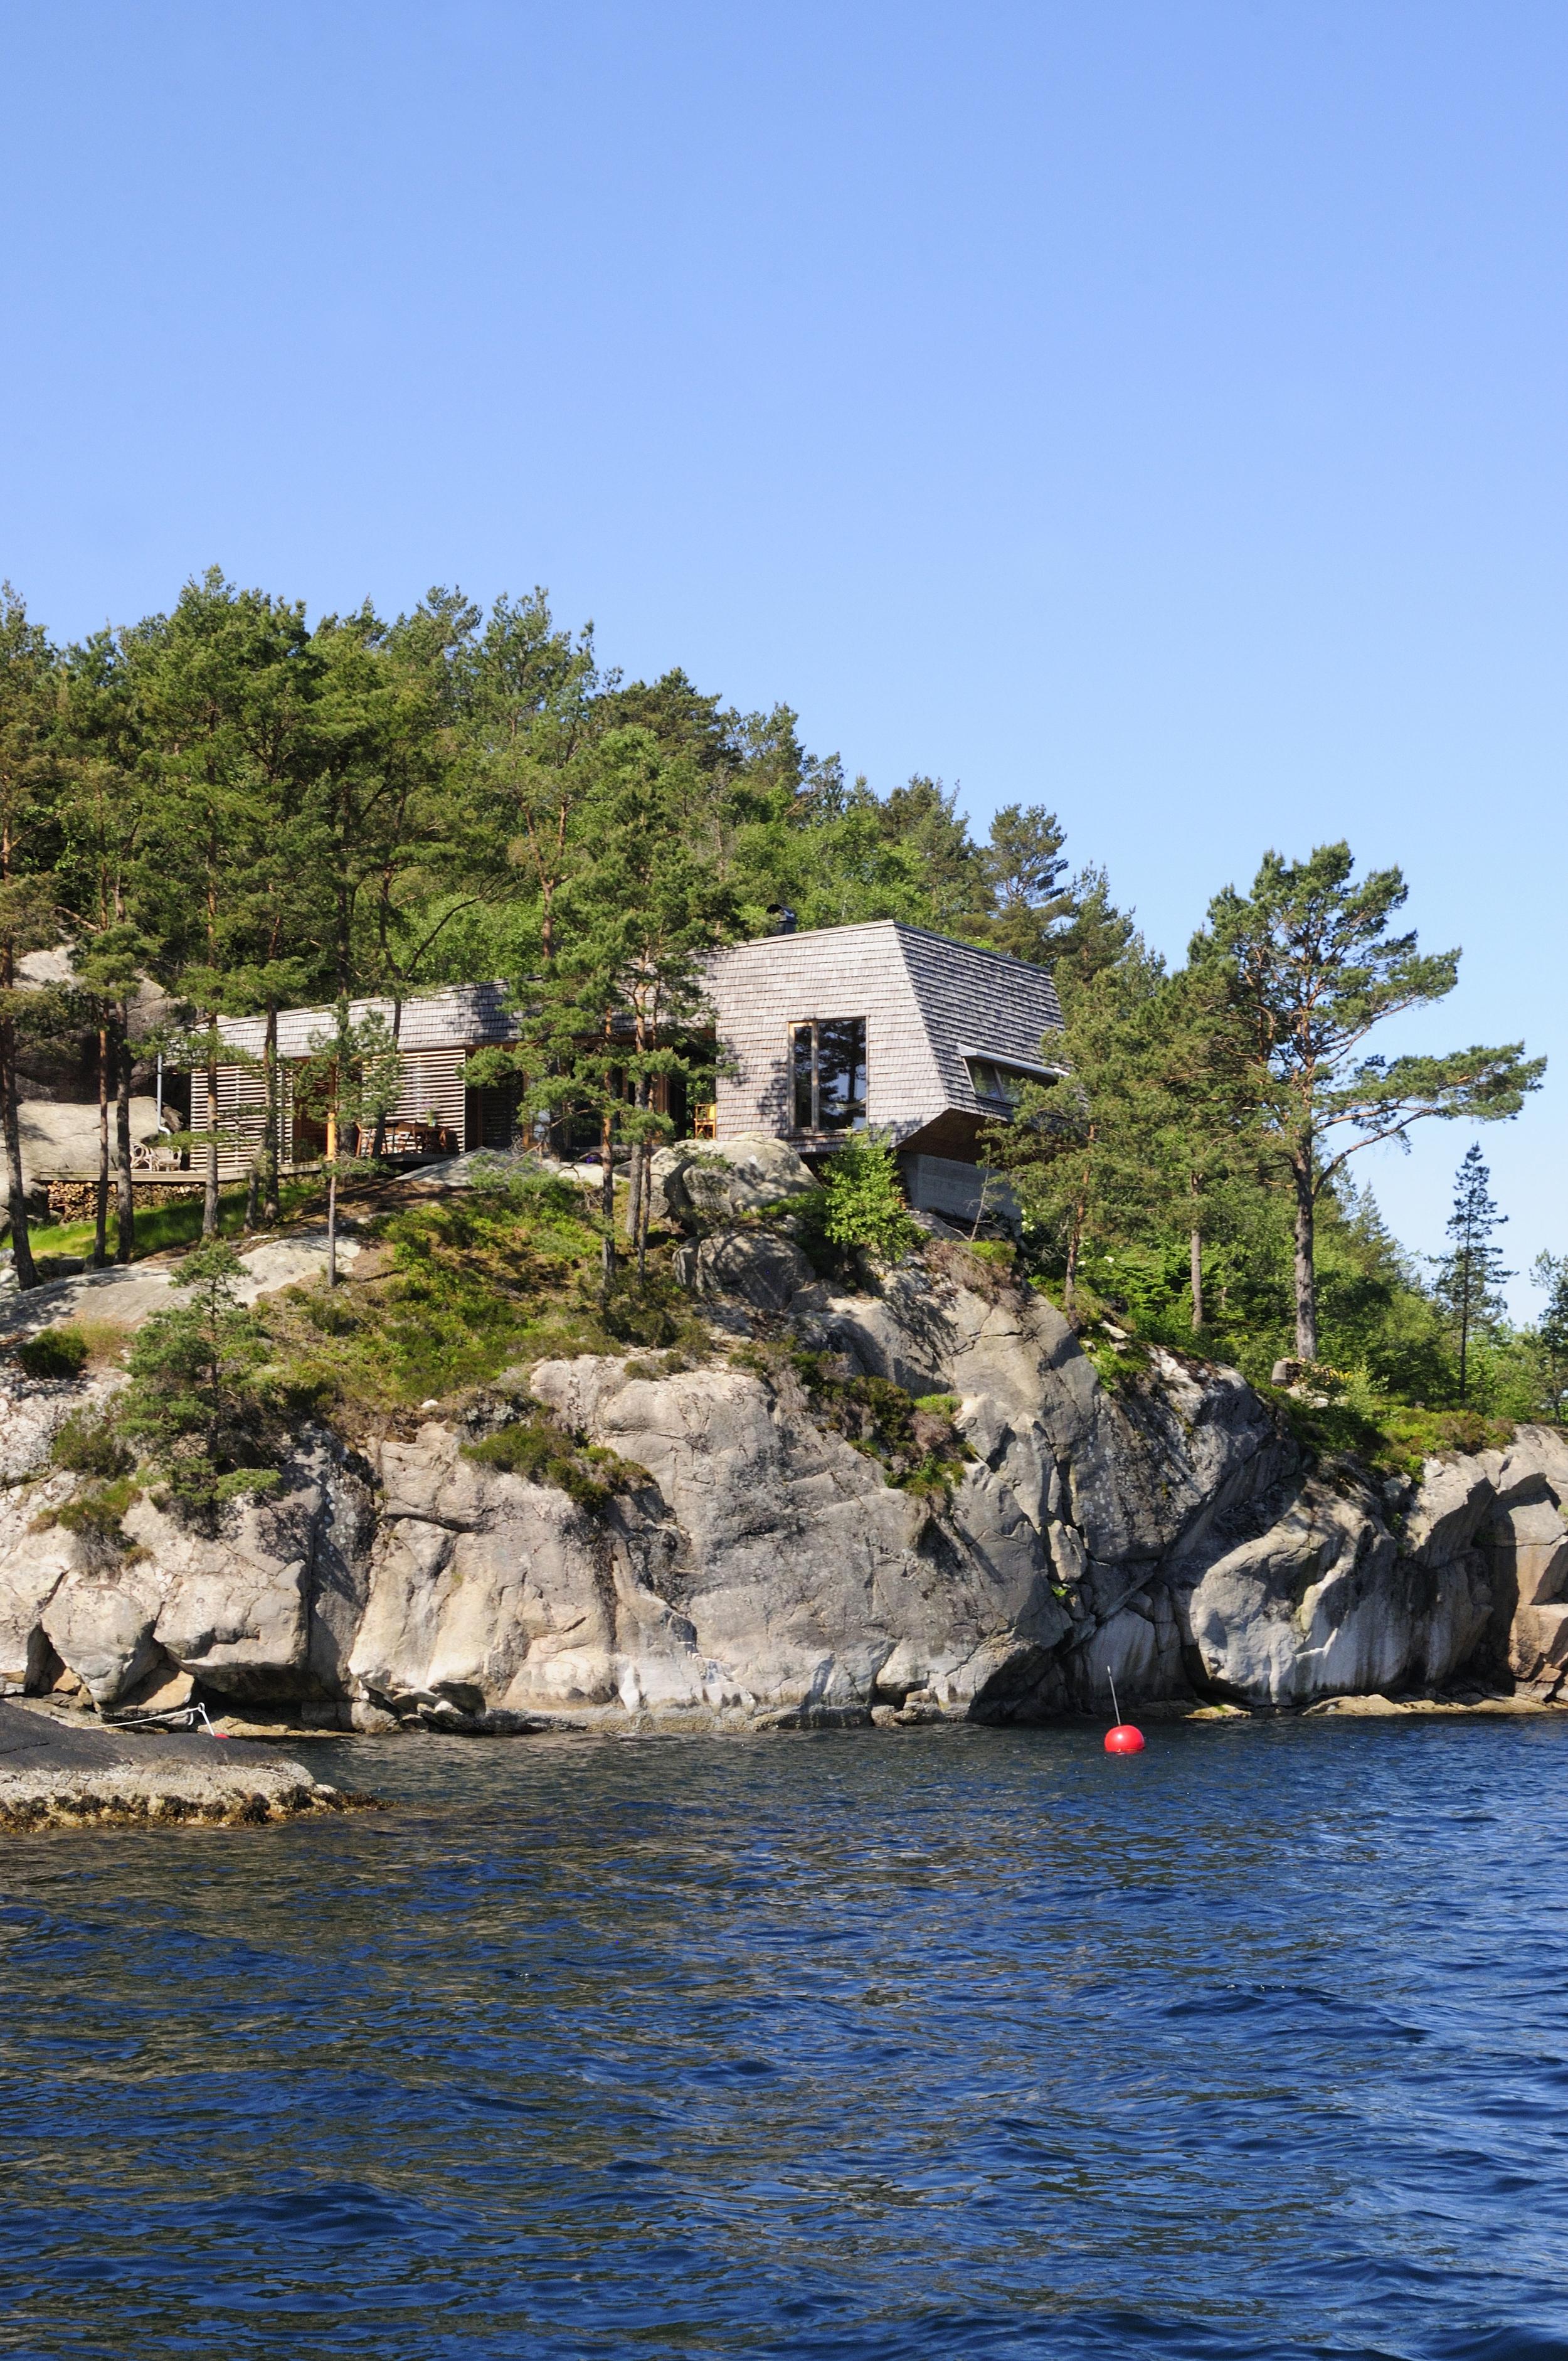 06_Norway_cabin_Sk+Ñt+©y_m_wie (1).JPG